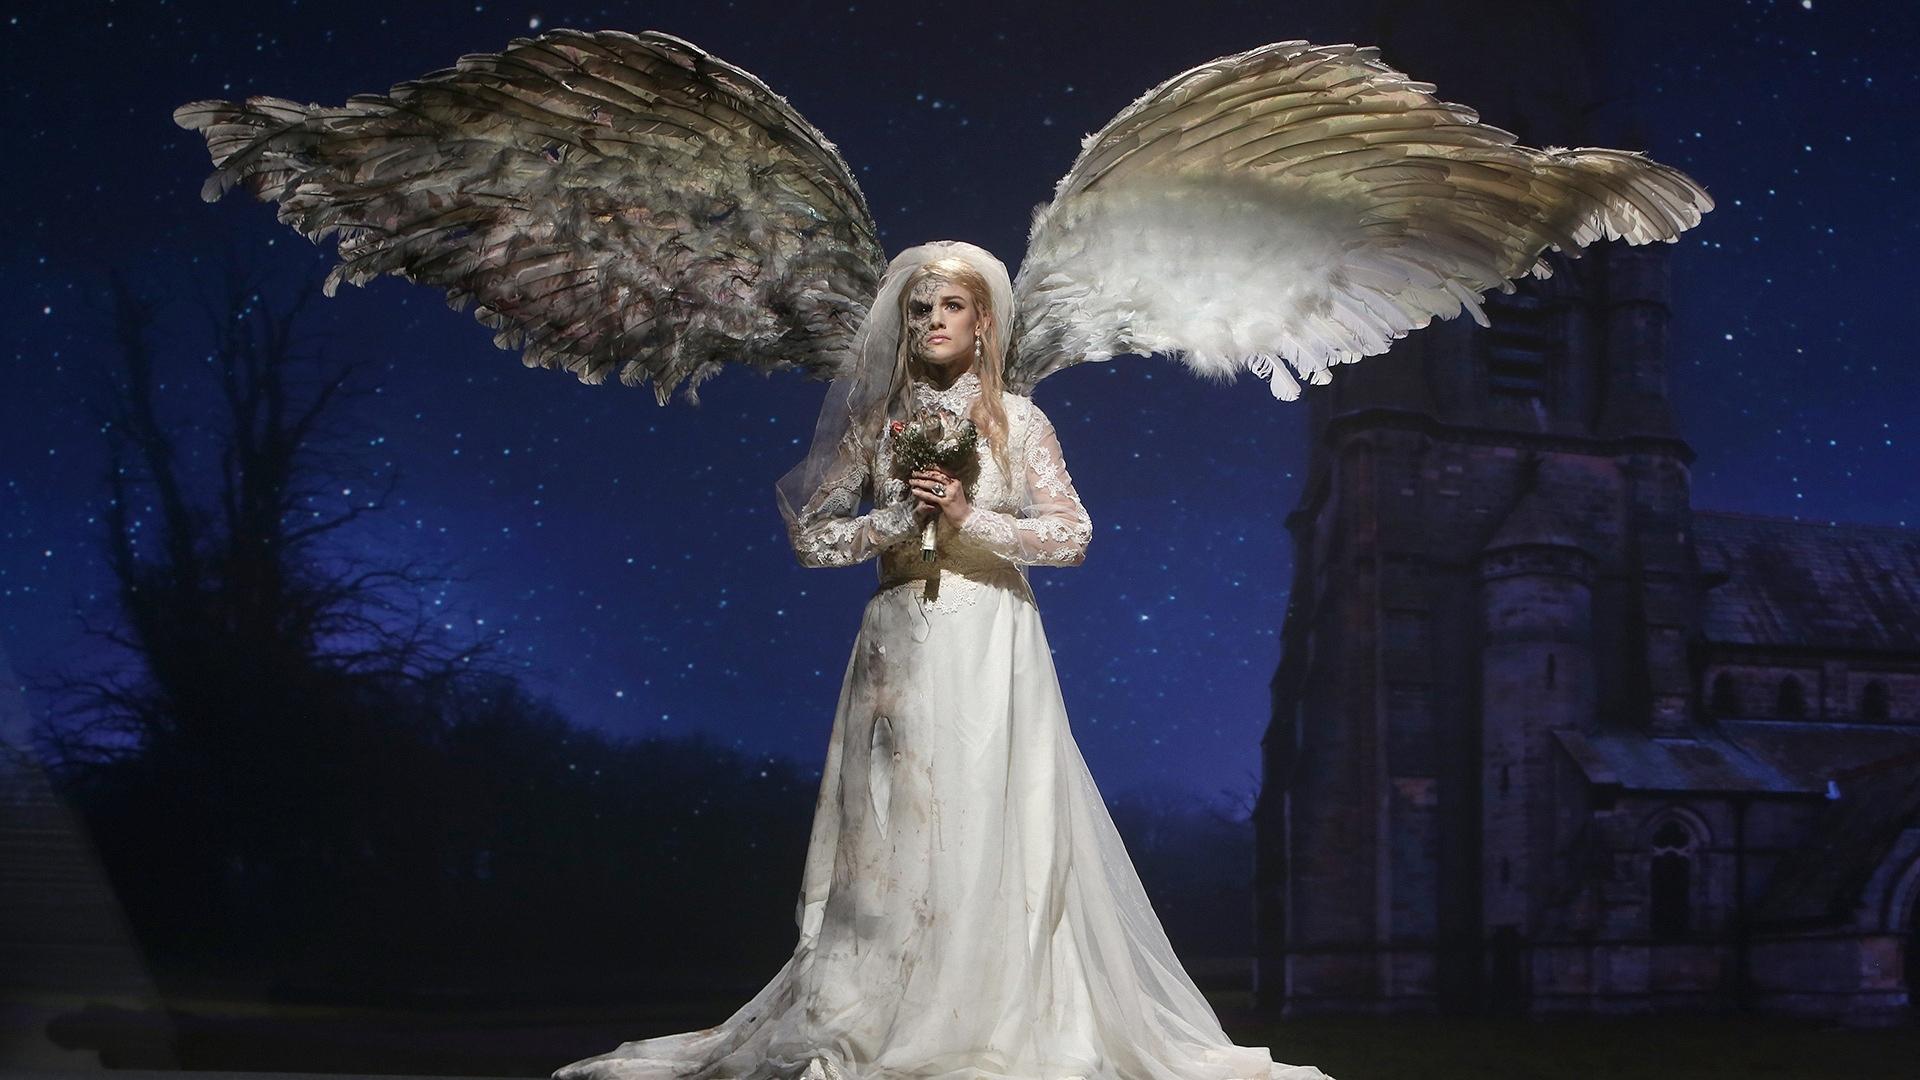 Hintergrundbilder Engel Kostenlos Für Pc für Bilder Engel Kostenlos